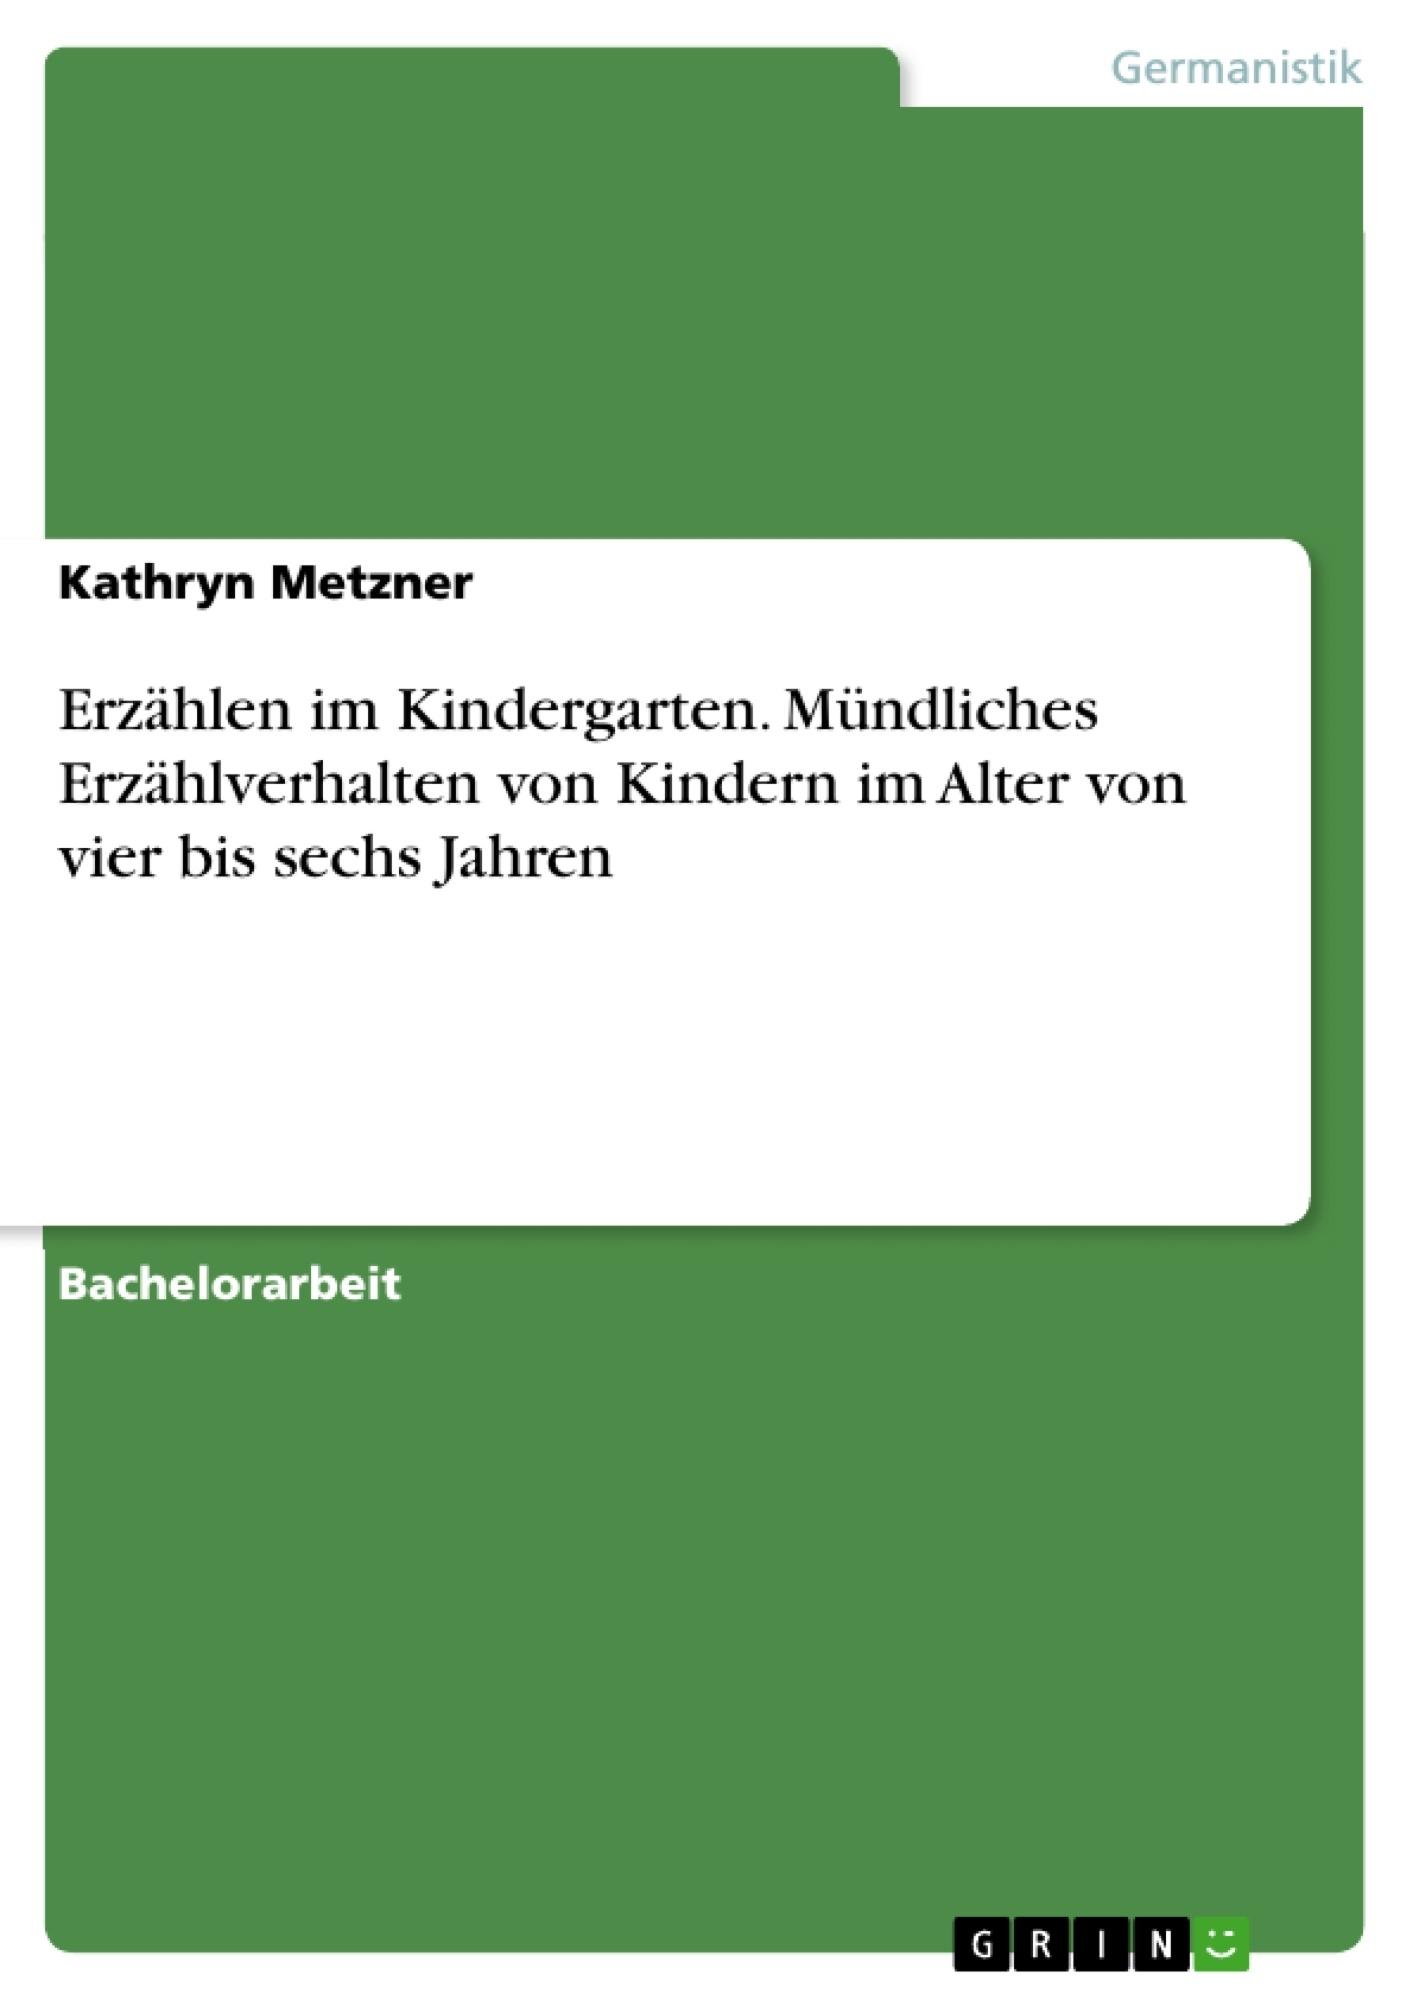 Titel: Erzählen im Kindergarten. Mündliches Erzählverhalten von Kindern im Alter von vier bis sechs Jahren